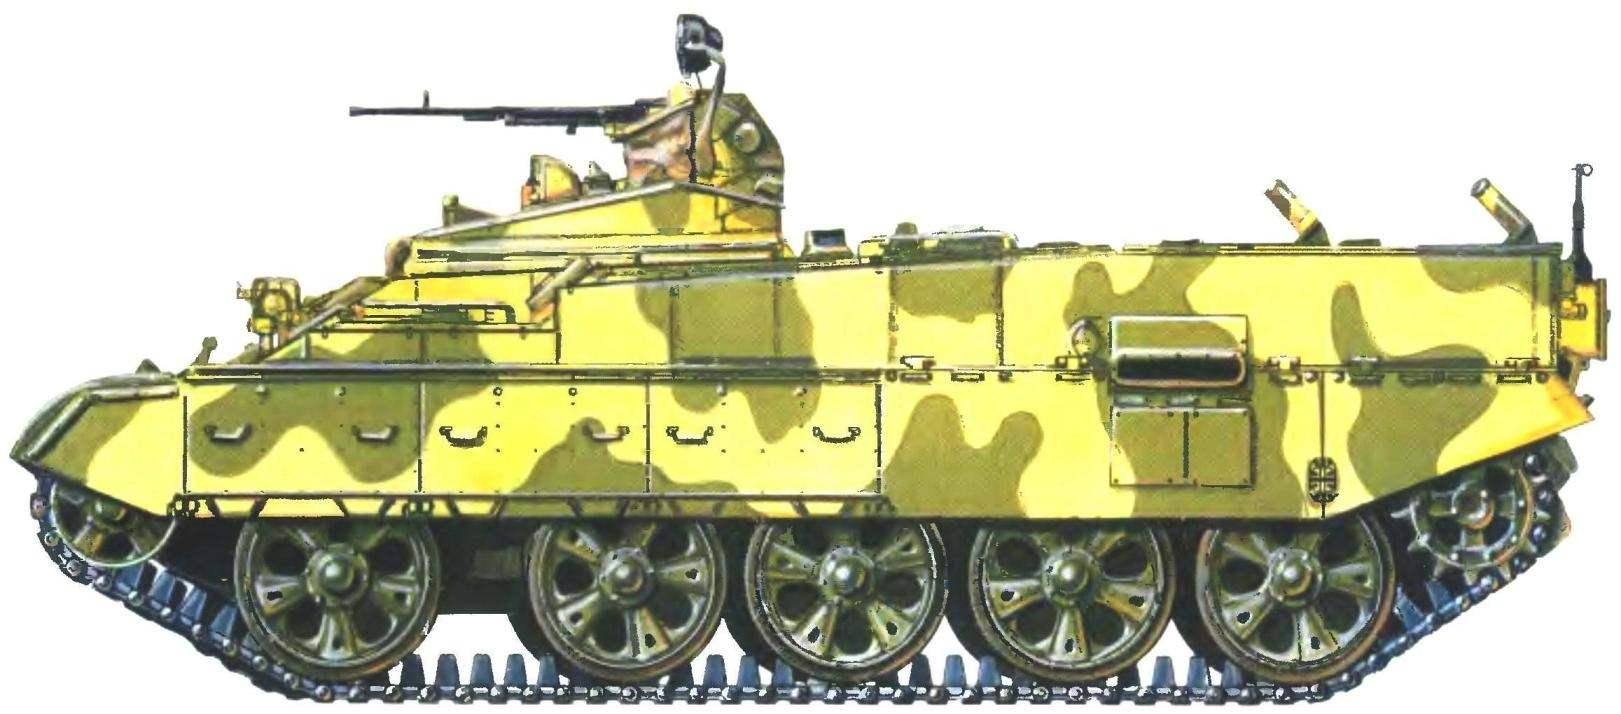 Вариант окраски опытного образца бронетранспортера БТР-Т